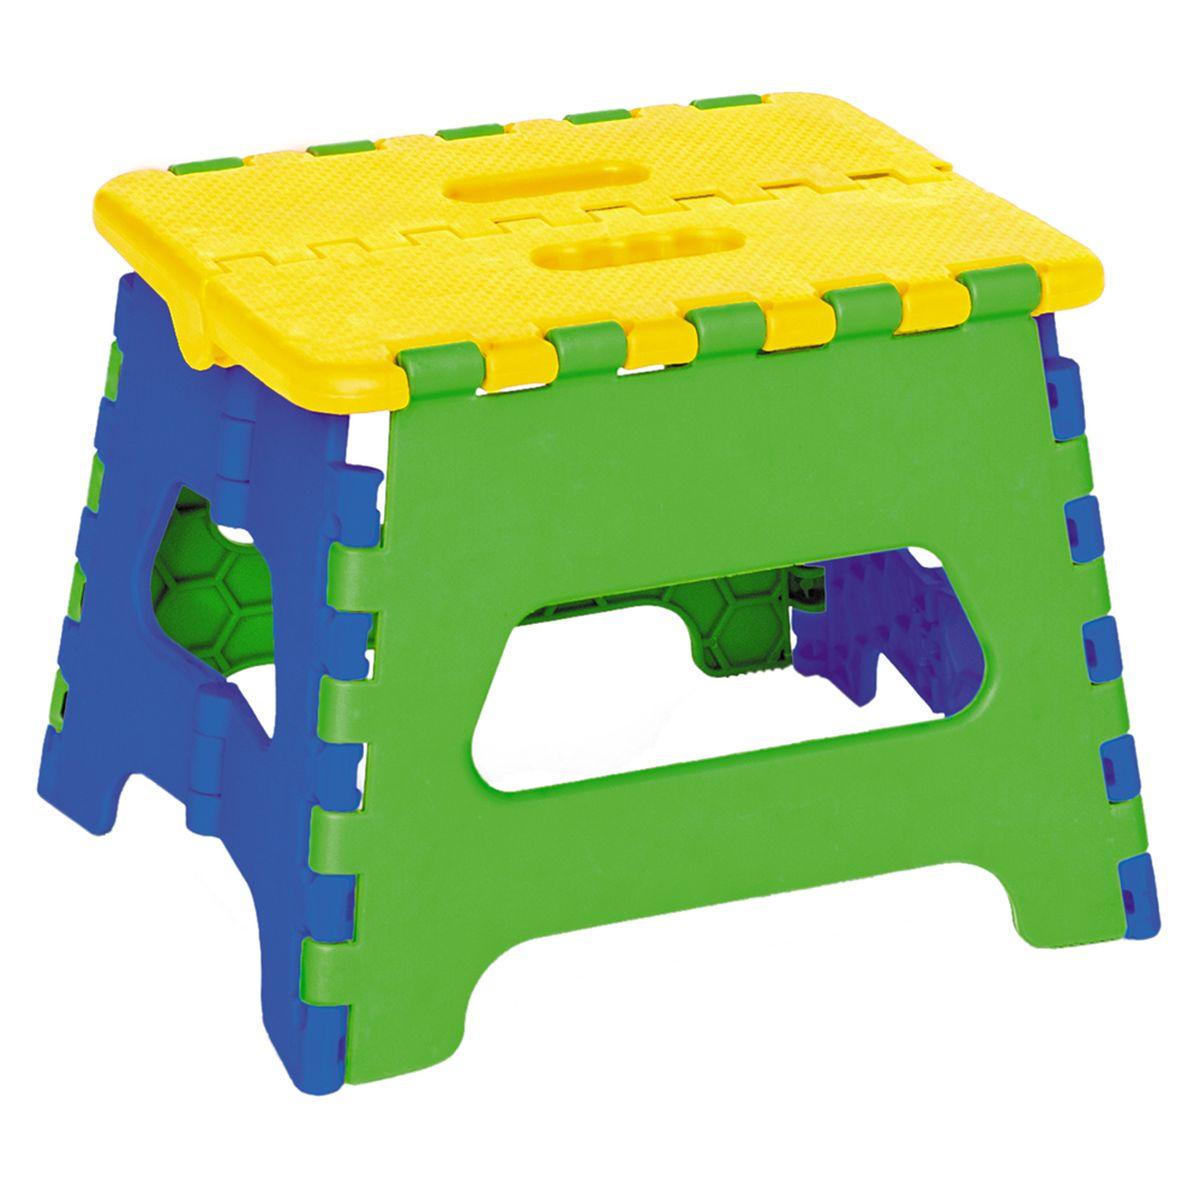 Art Moon Стульчик-подставка Maja цвет желтый зеленый синий699522Artmoon MAJA Пластиковый складной стульчик-стремянка. Выдерживает вес до 60 кг. Яркие цвета, удобный размер, устойчивость, удобная ручка для переноски в сложенном виде - идеален для детской. Размер: 24x17x18 см, компактный в сложенном виде (24x26,5x4 см). Материал полипропилен.